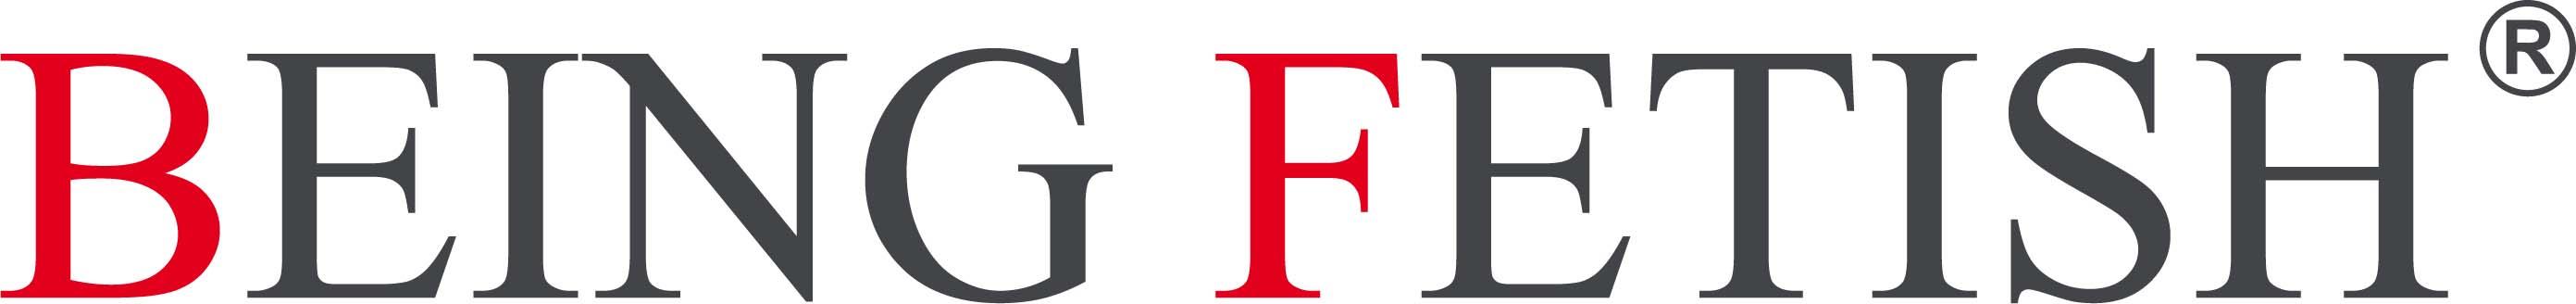 BEING FETISH LTD logo